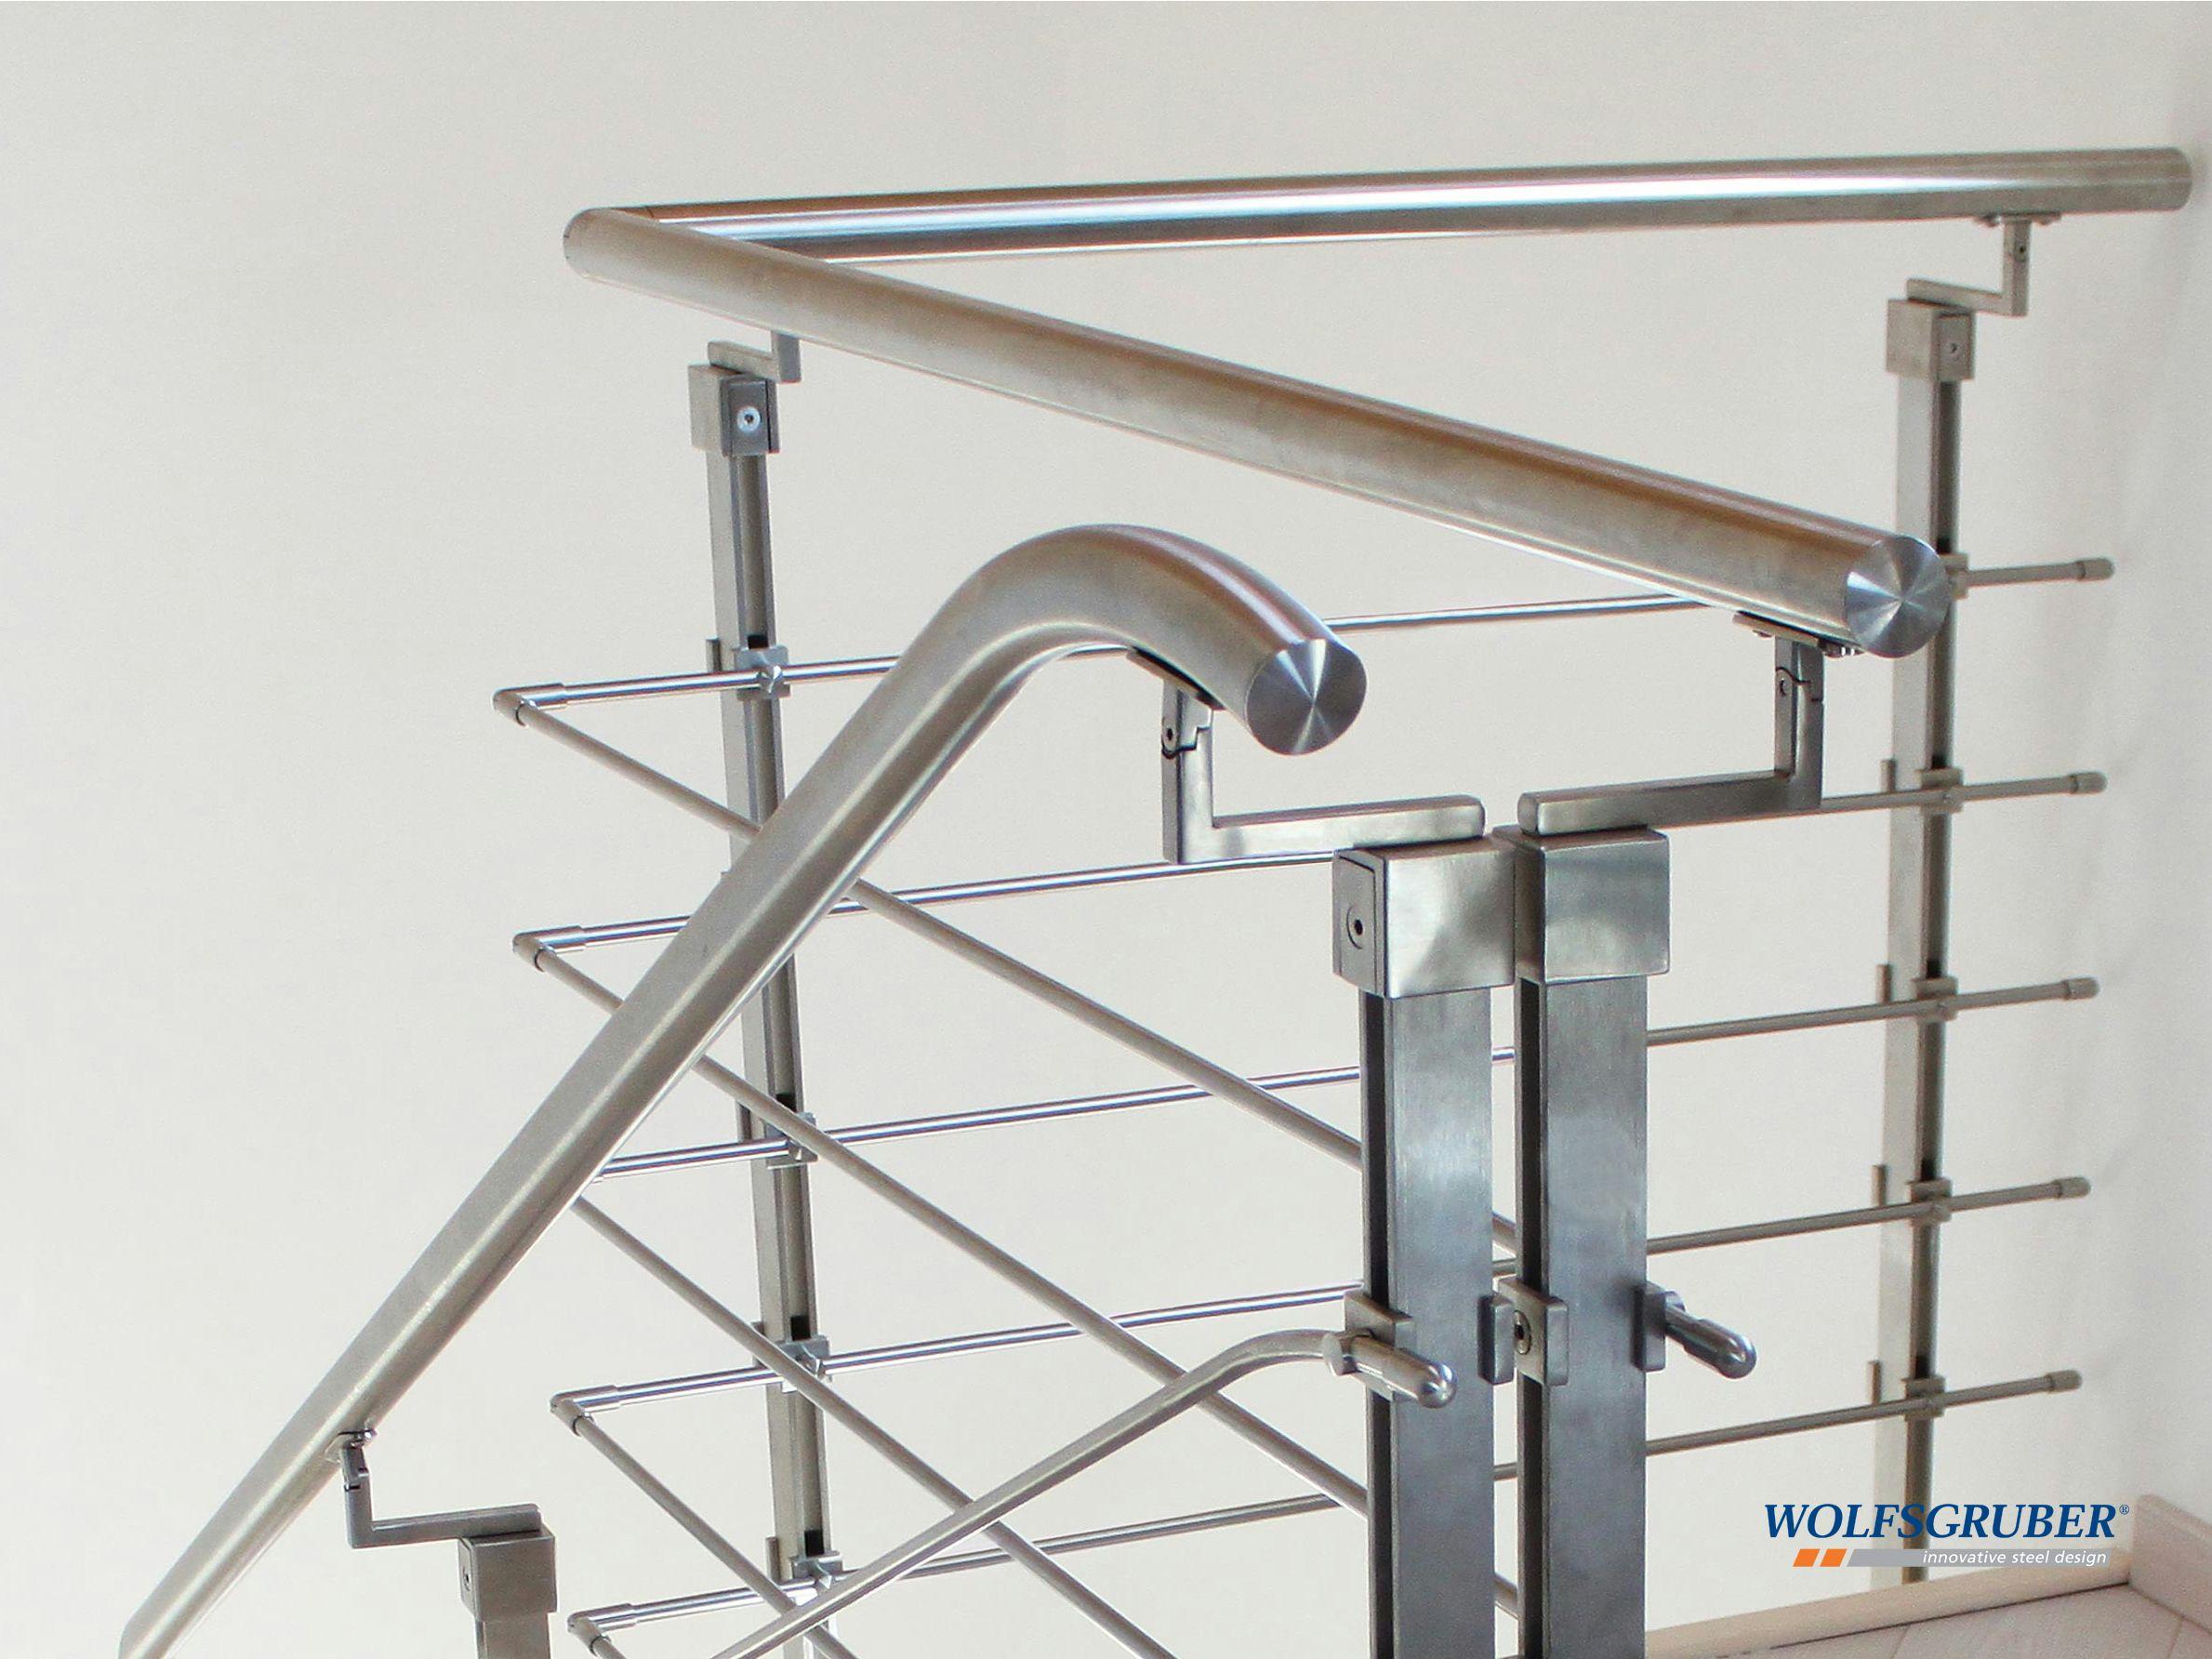 Baranda de escalera de acero inoxidable inox step system - Barandas de inoxidable ...